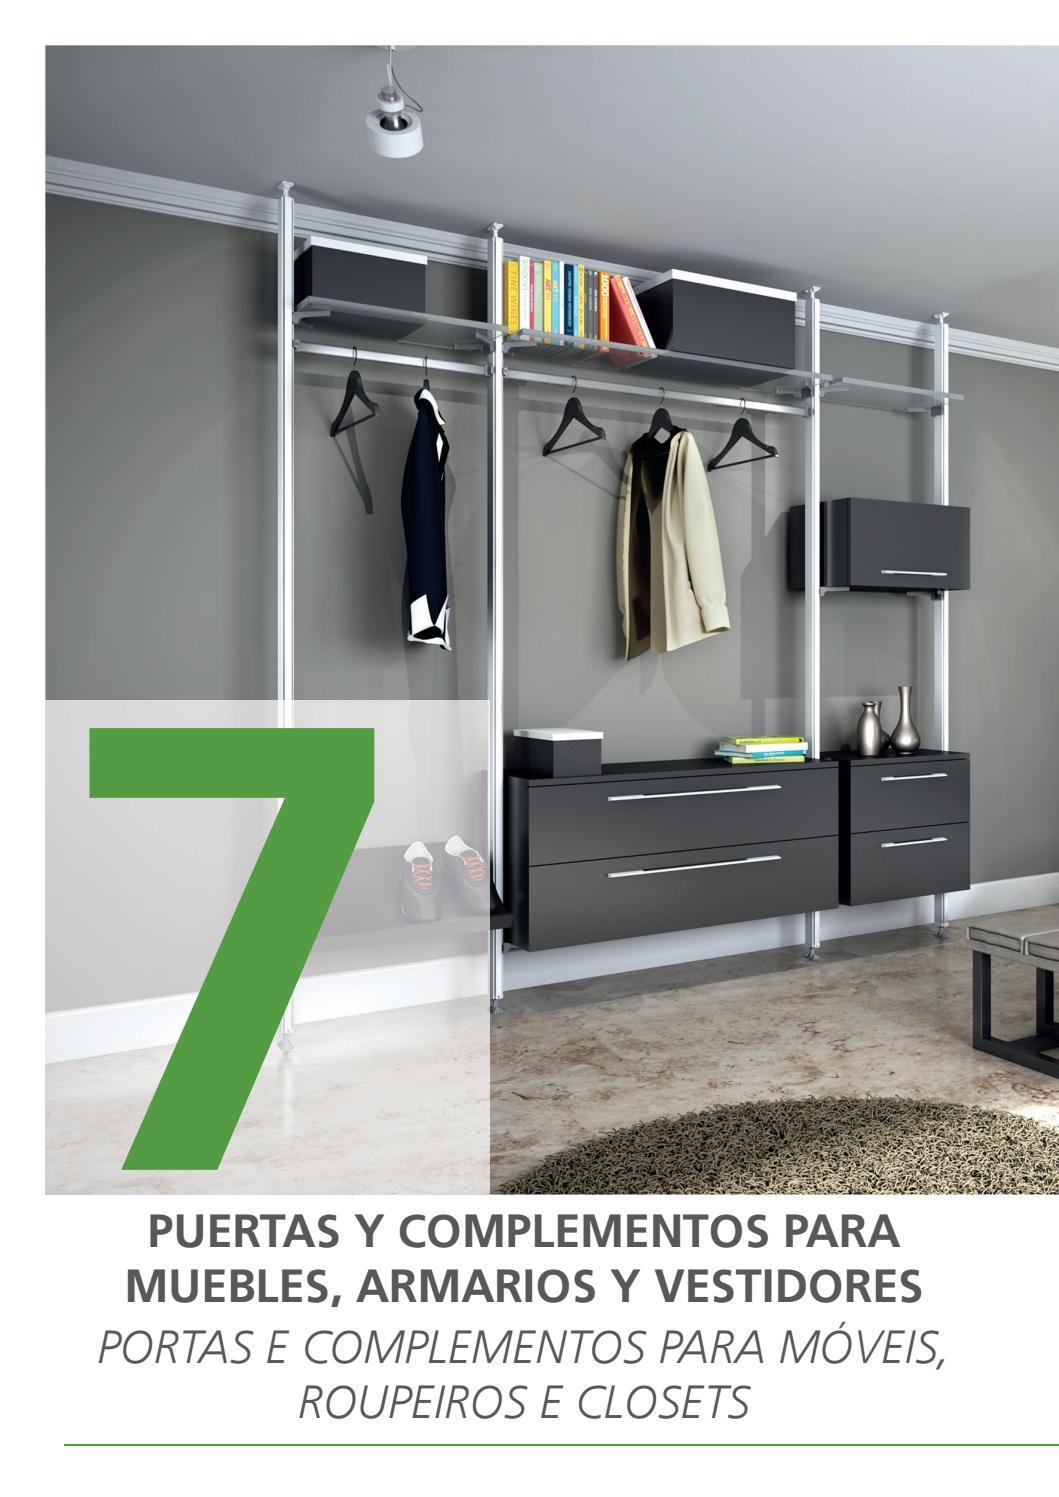 Puertas y complementos para muebles armarios portas e - Muebles y complementos ...